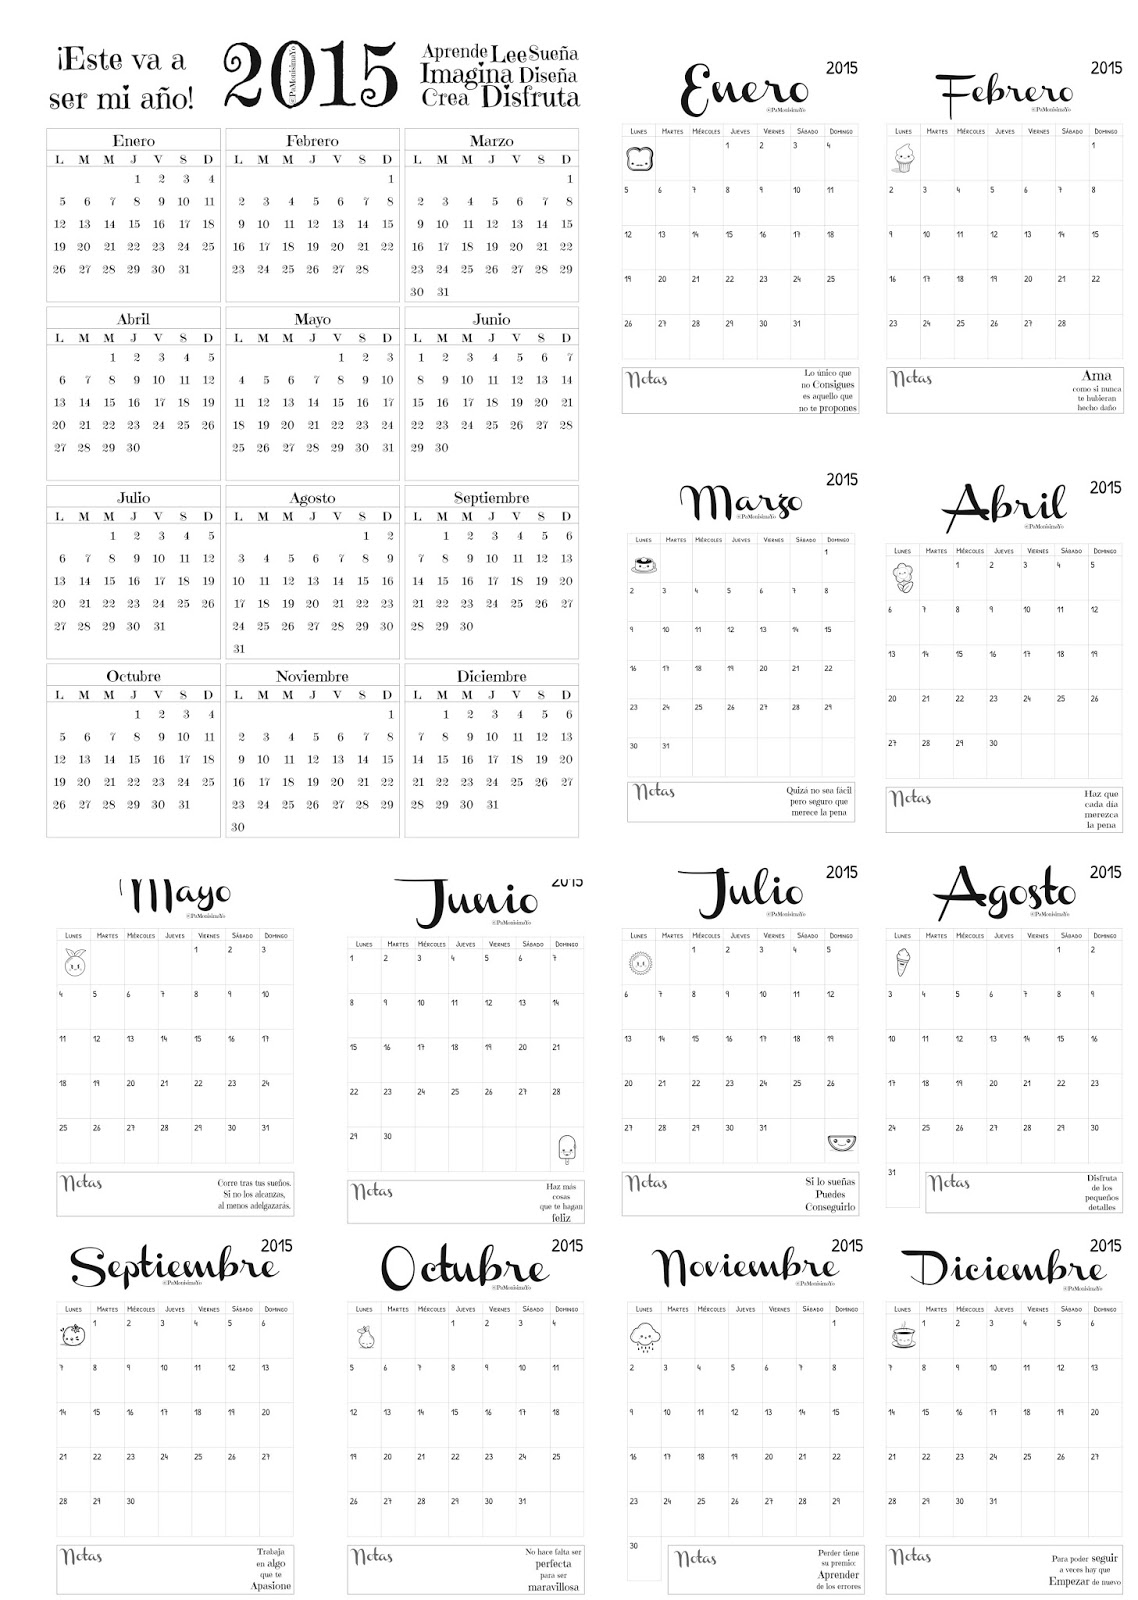 Pa Monísima: Yo: Calendario Anual y Mensual 2015